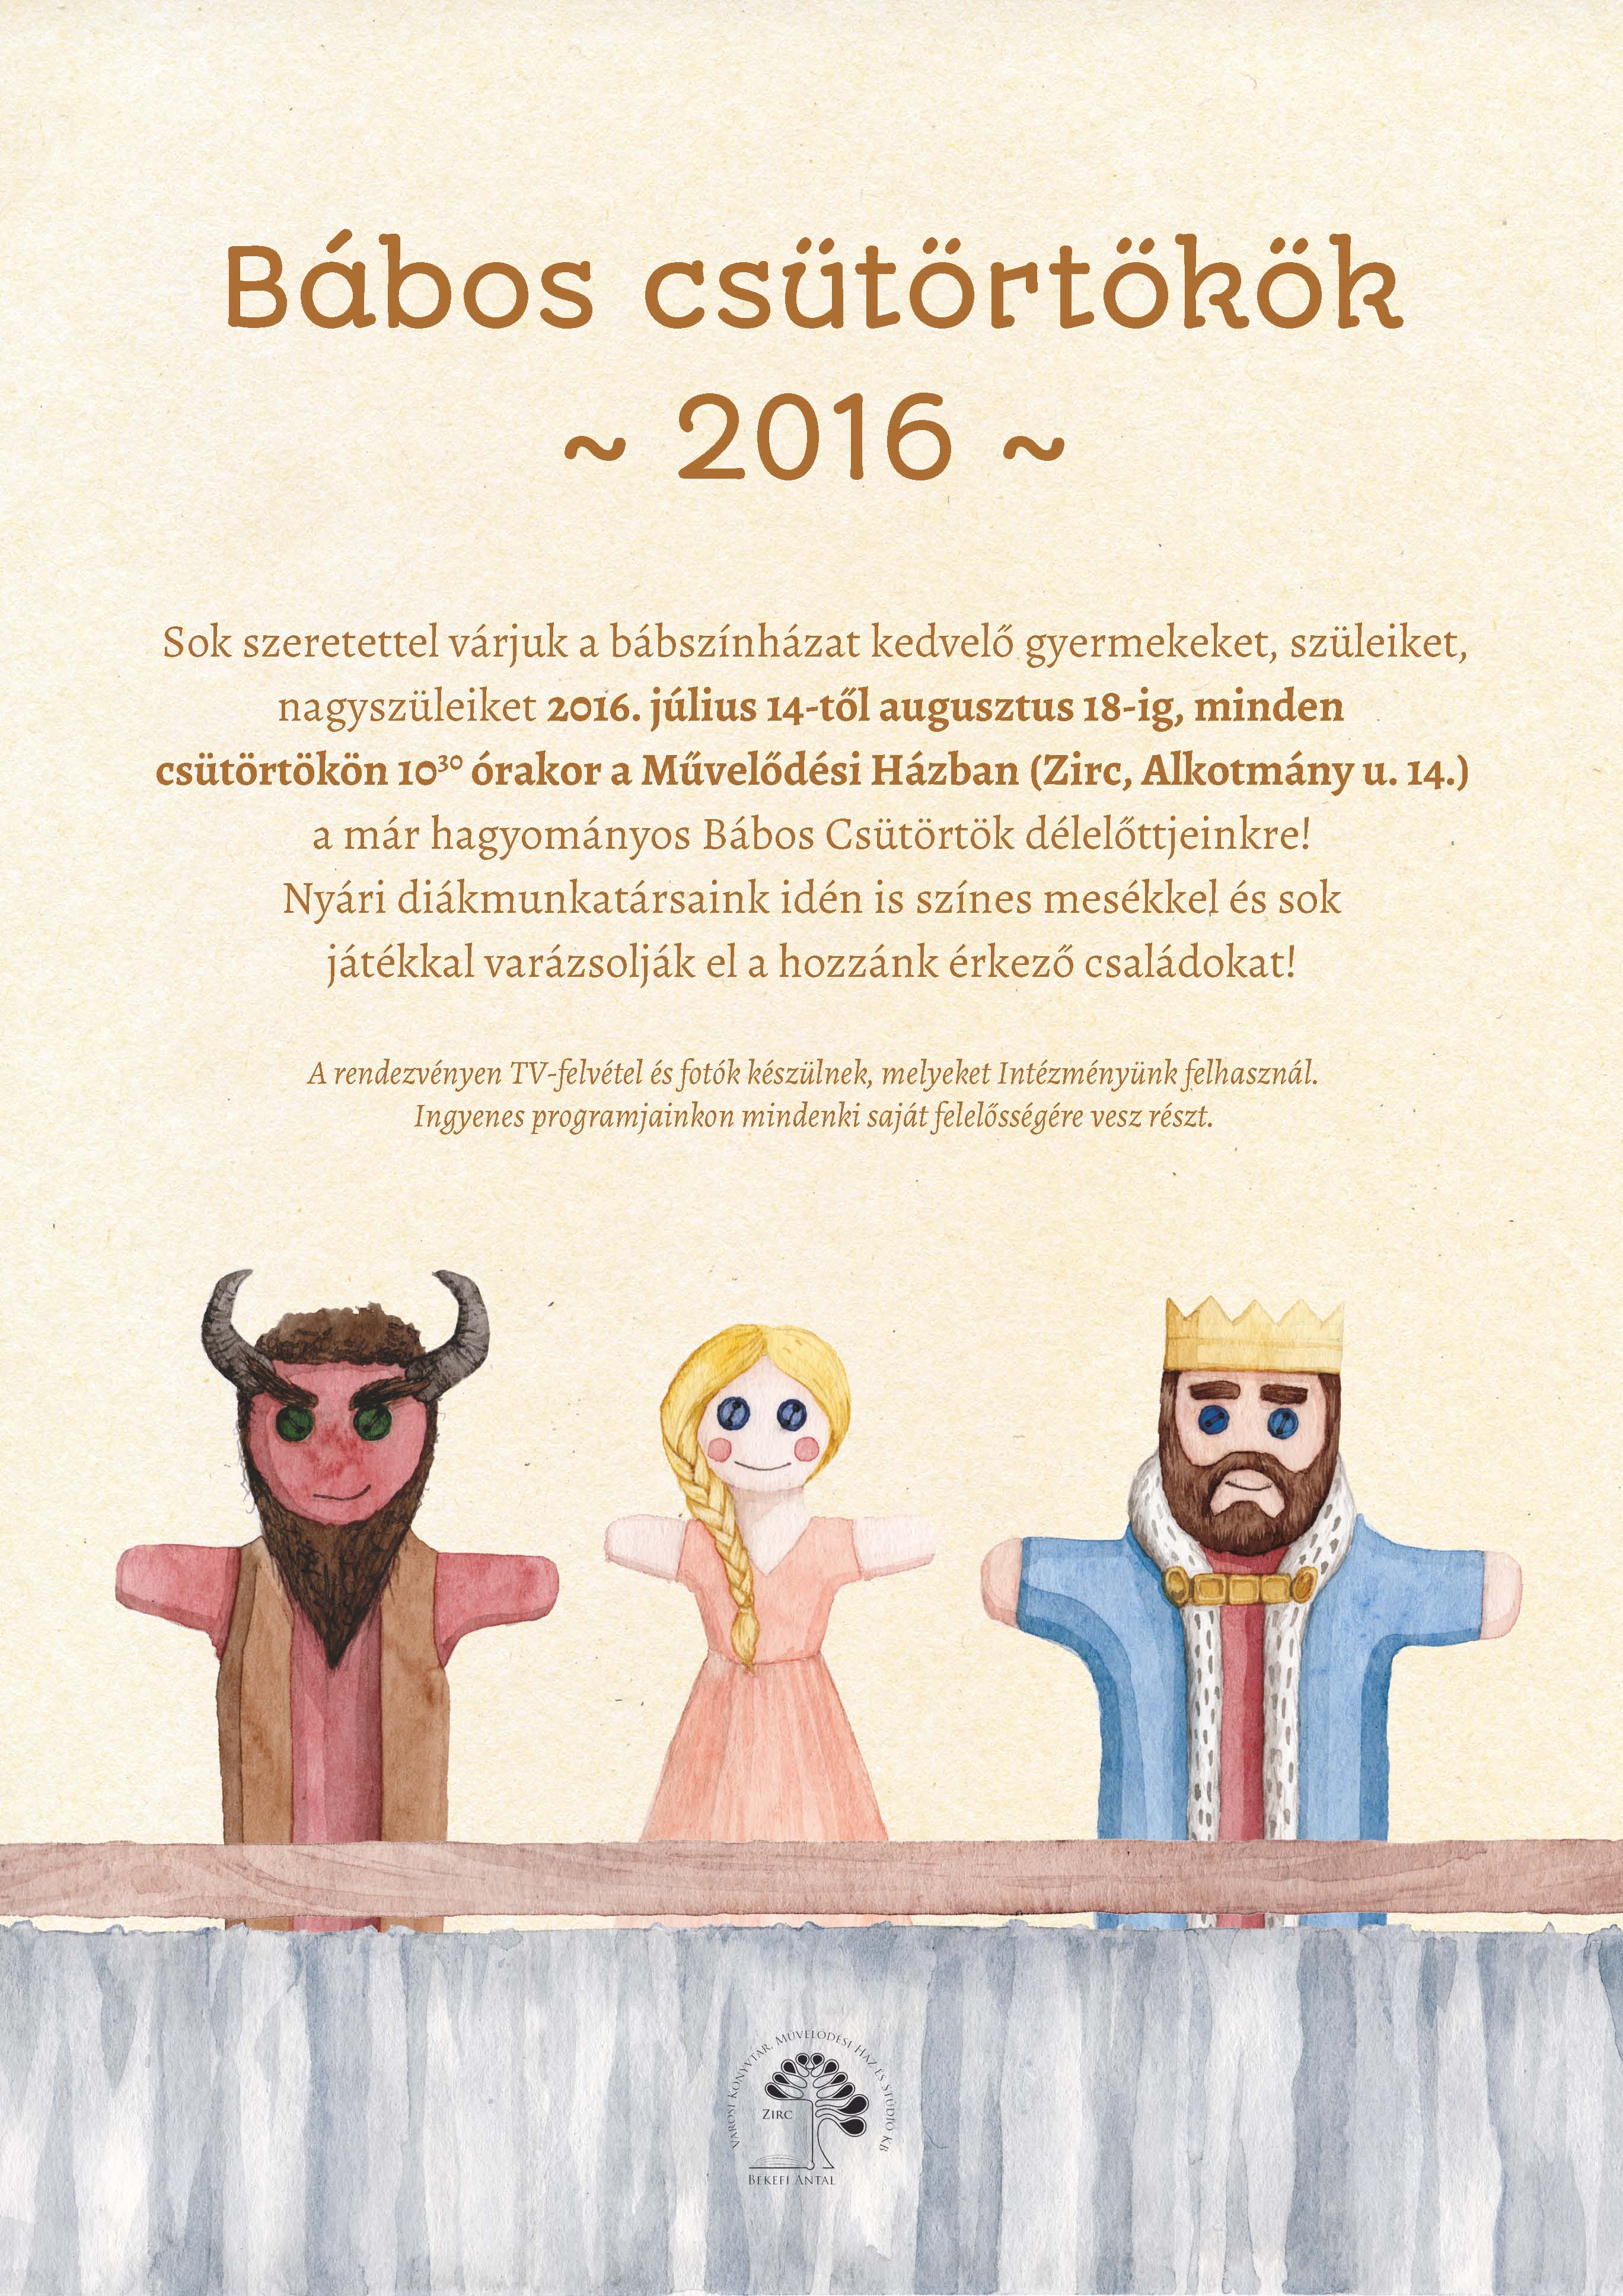 babos_csutortok_2016.jpg